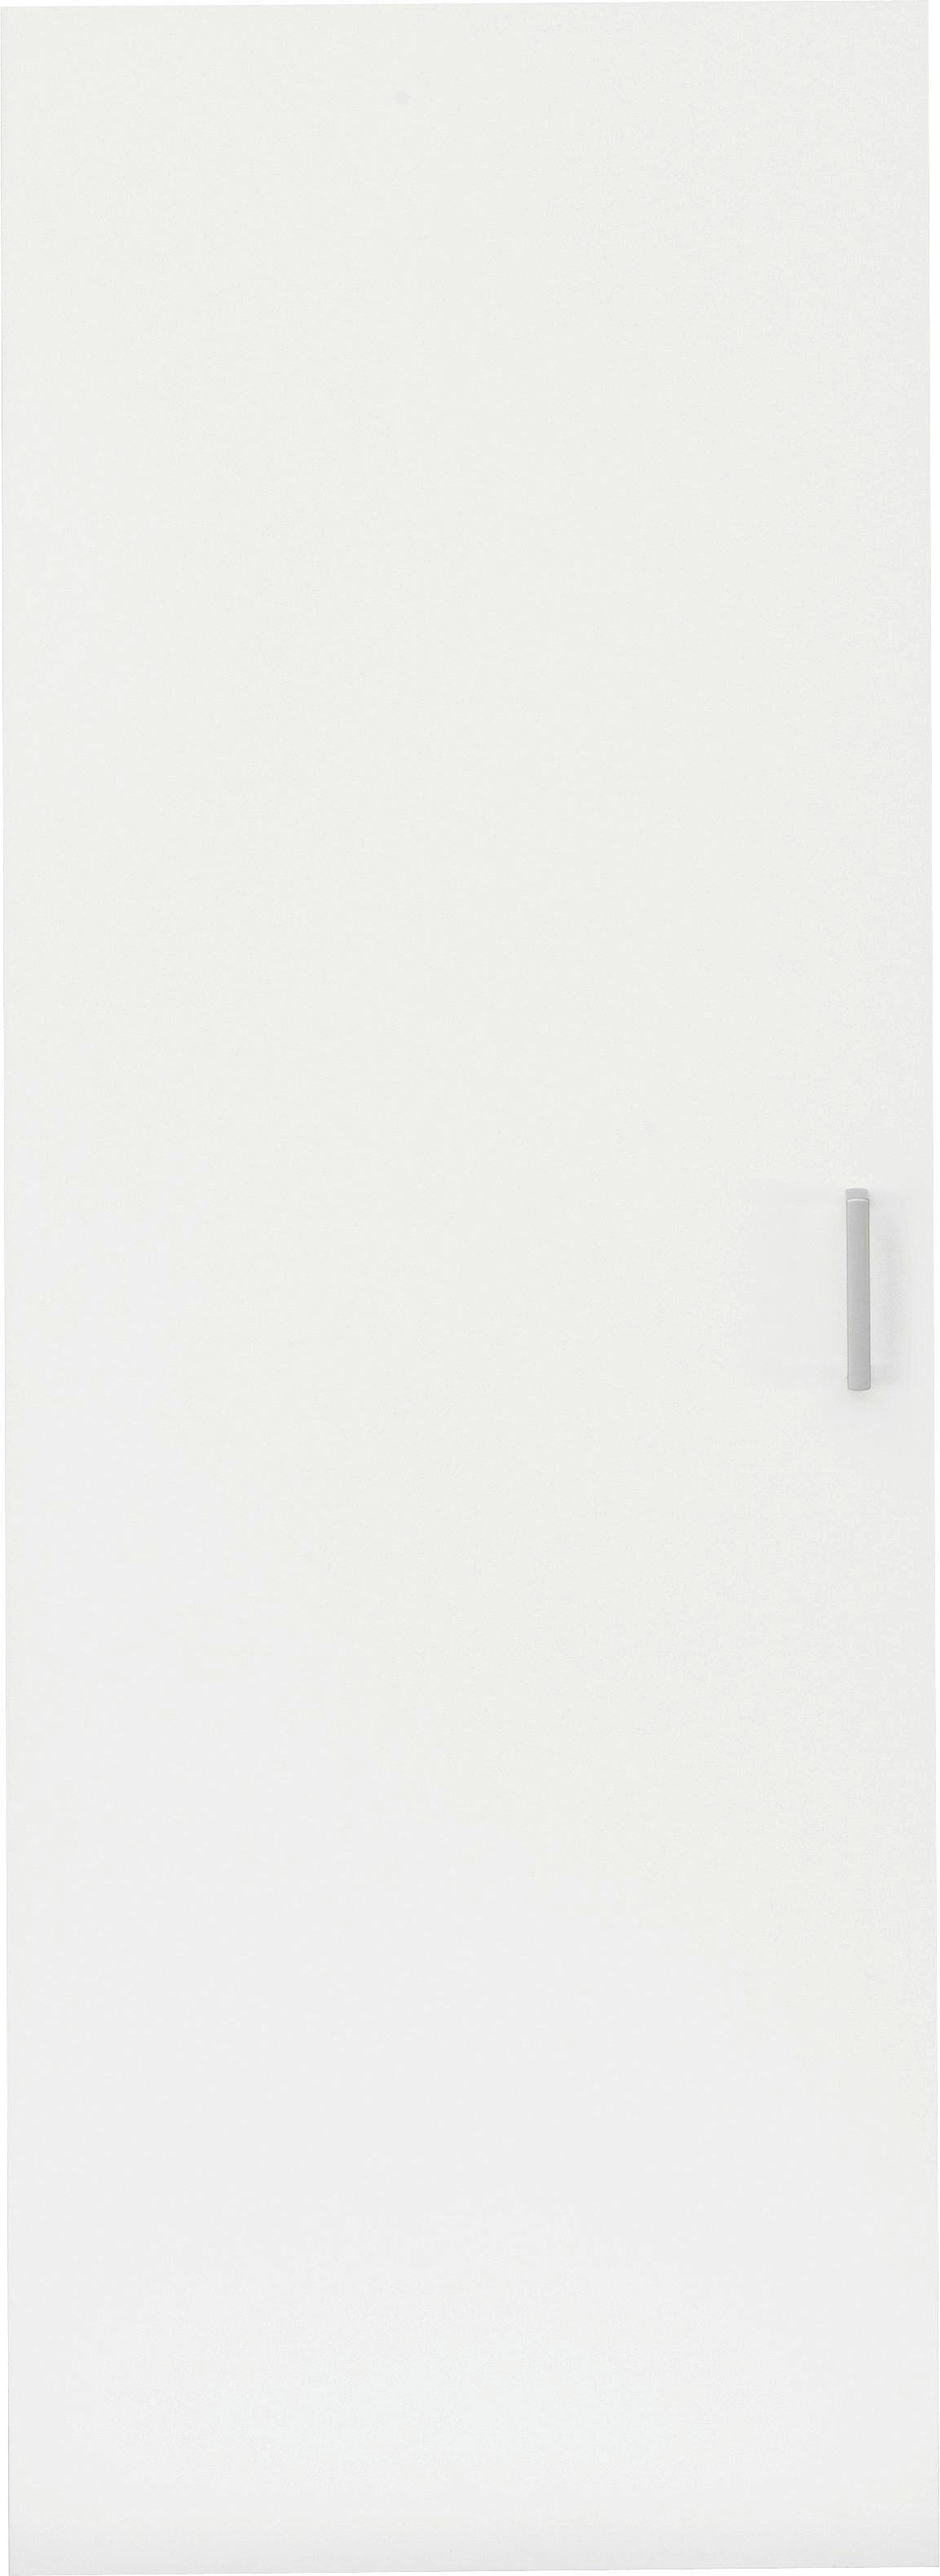 TÜR - Silberfarben/Weiß, KONVENTIONELL, Holzwerkstoff/Kunststoff (51/138/1,5cm) - CS SCHMAL